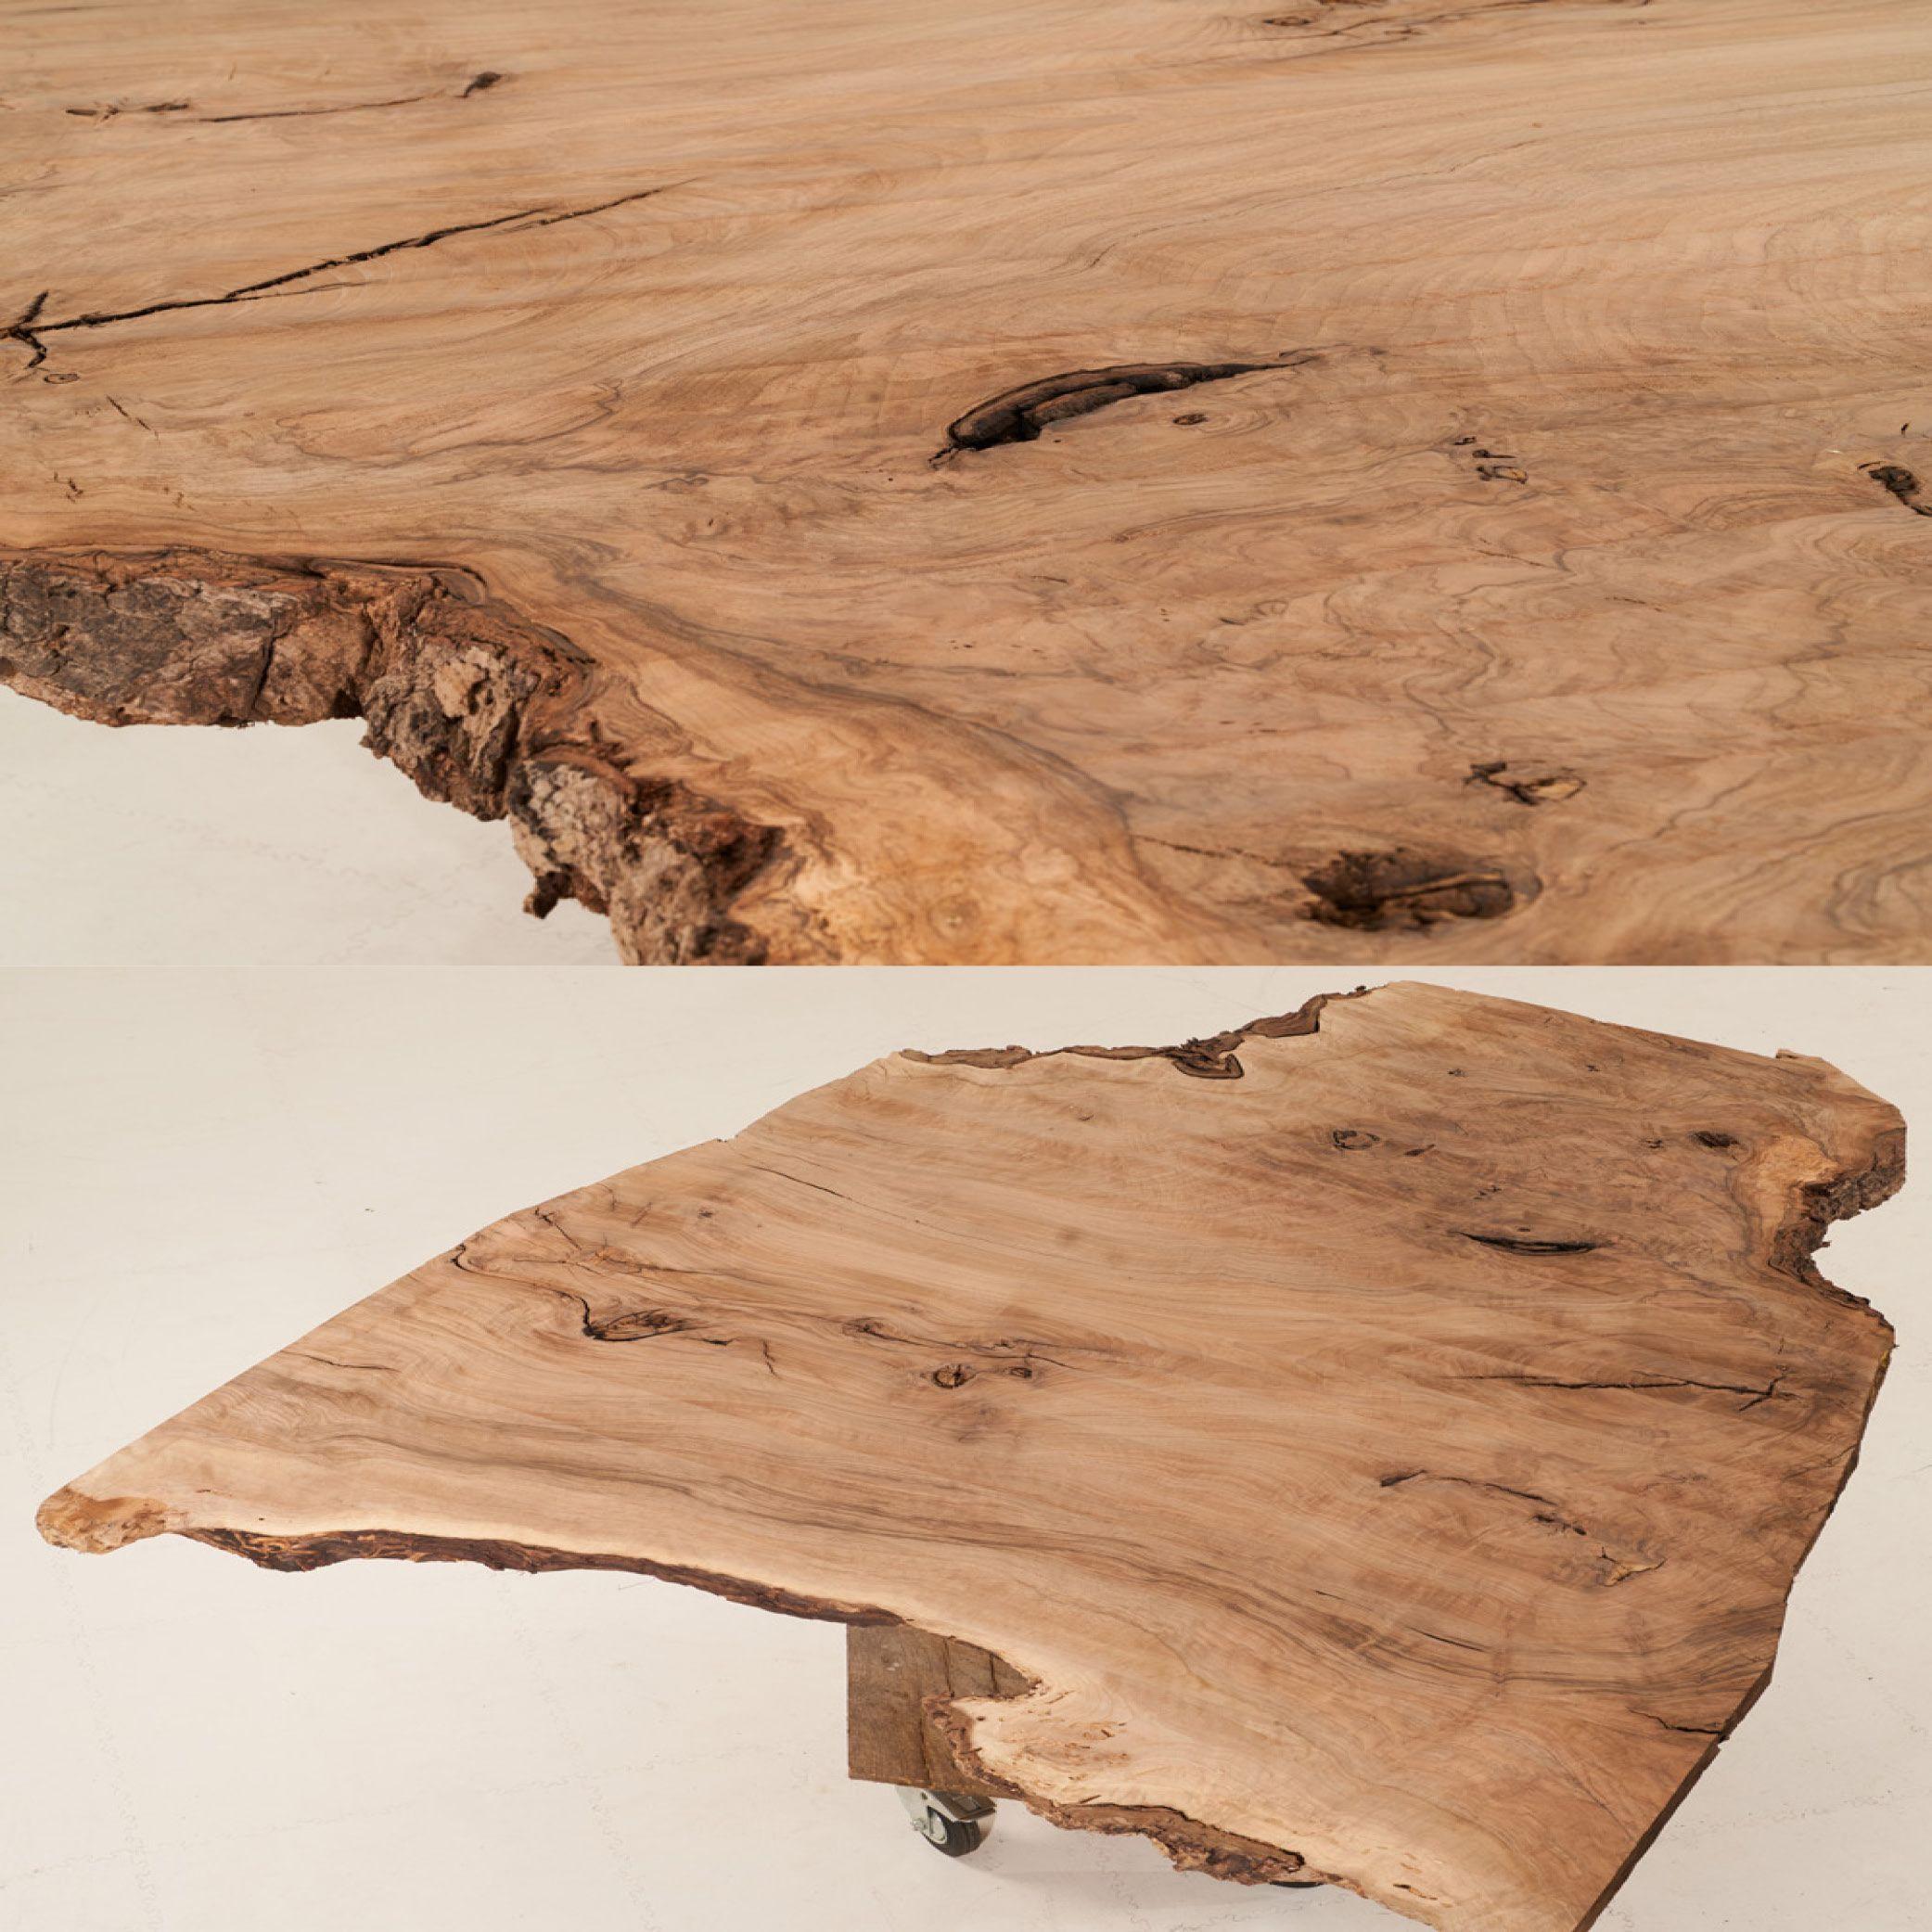 Massivholztischplatte Aus Maser Nussbaum Https Www Tischplatten Kaufen Nussbaum Nussbaumtisch Masernuss Kaukasus Massivholz Echtholz Naturbelass In 2020